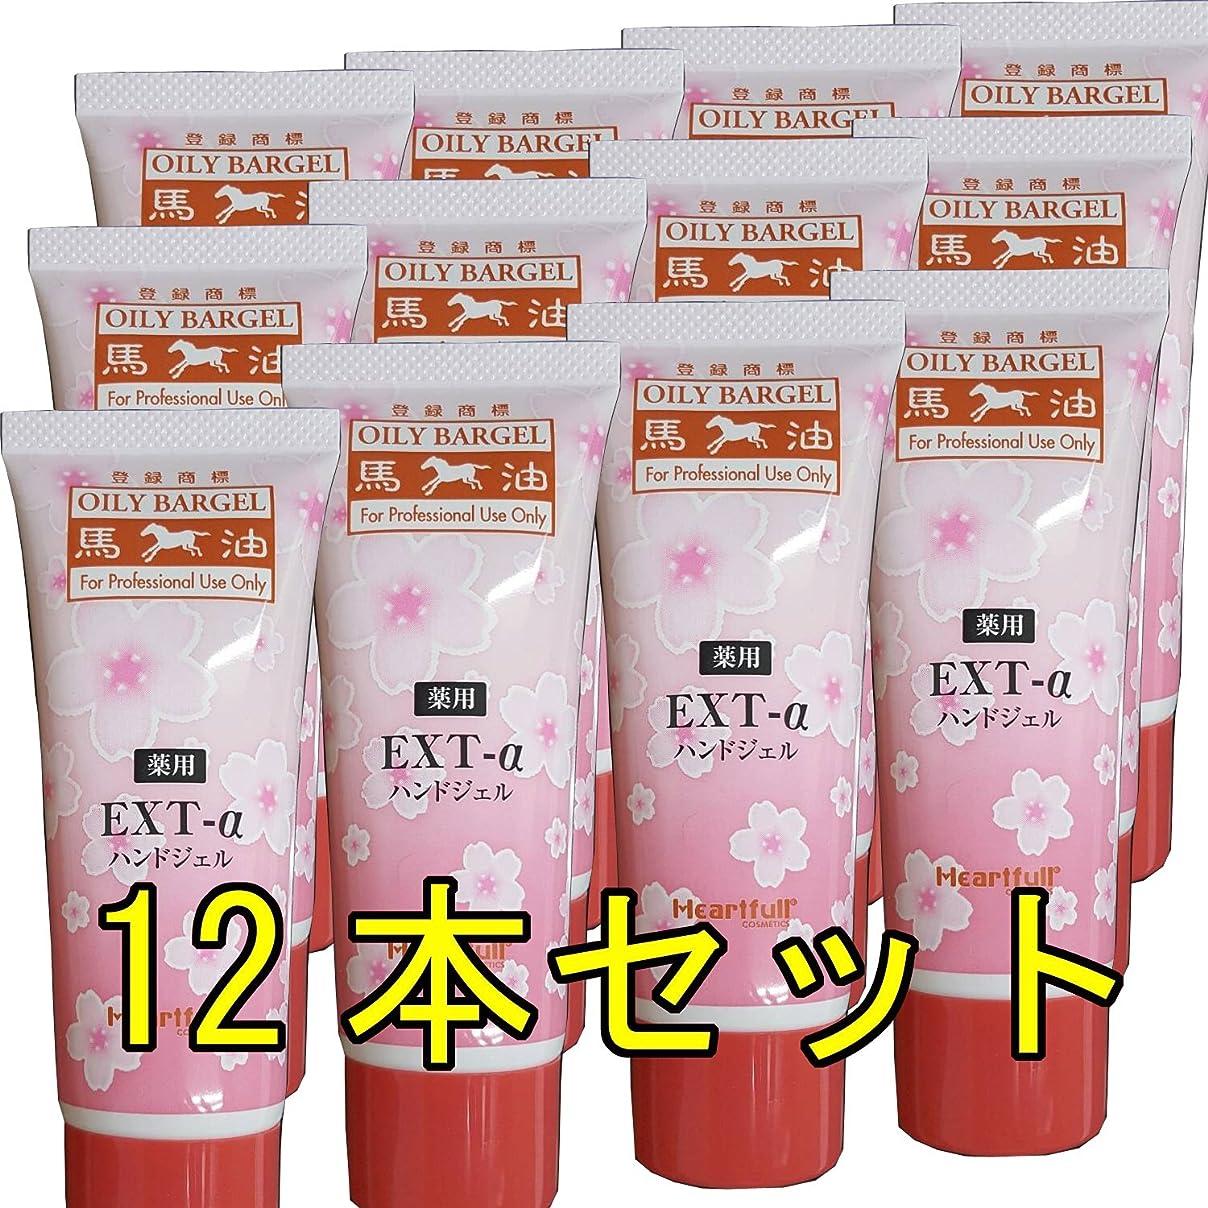 生命体唇いわゆる薬用オイリーバージェル EXT-α 65g お買い得12本セット(ゲルタイプクリーム)